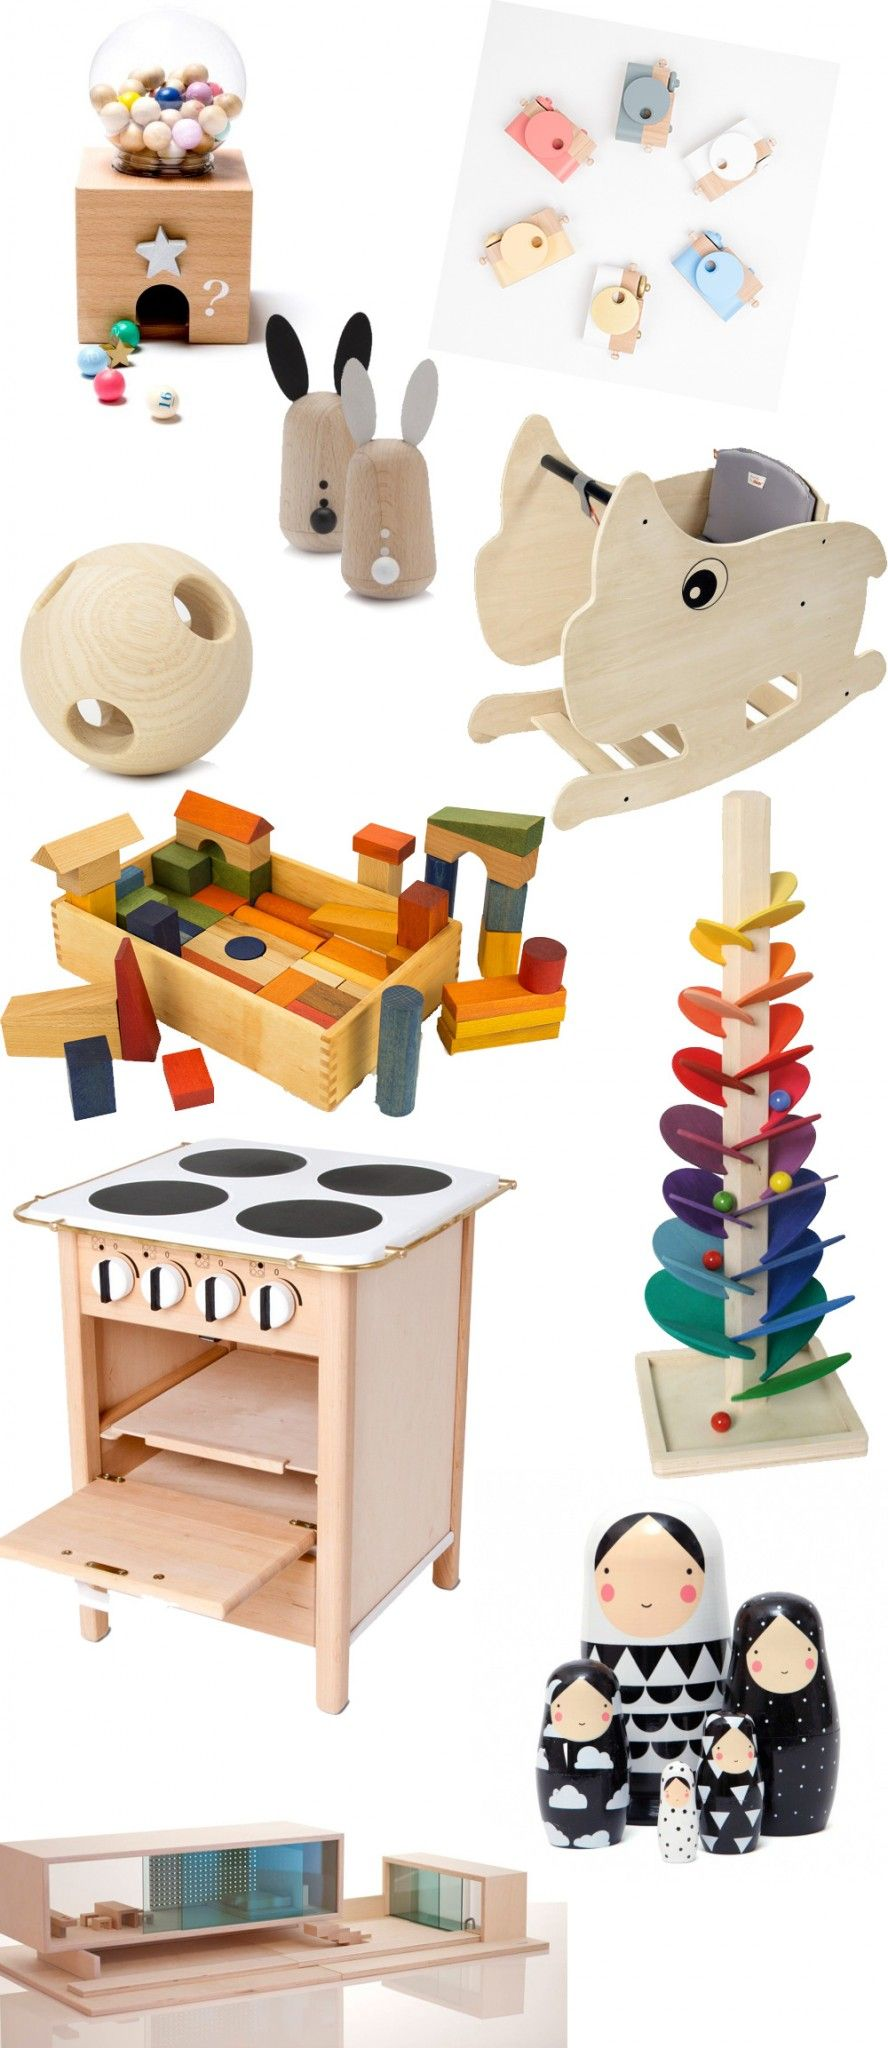 Design für Kinderzimmer Schönes Spielzeug aus Holz